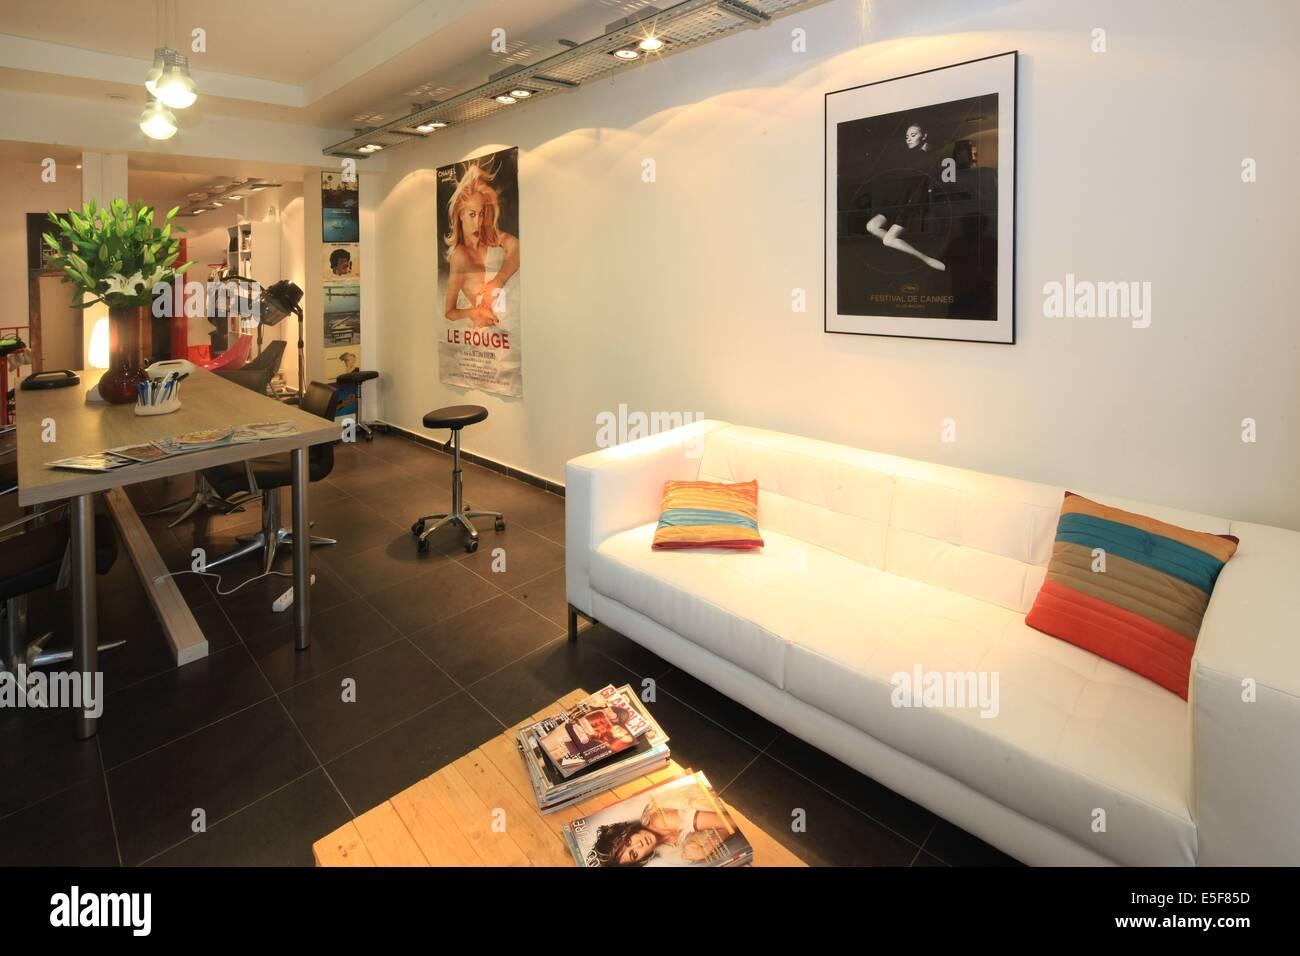 Salon De Coiffure Stockfotos & Salon De Coiffure Bilder - Alamy